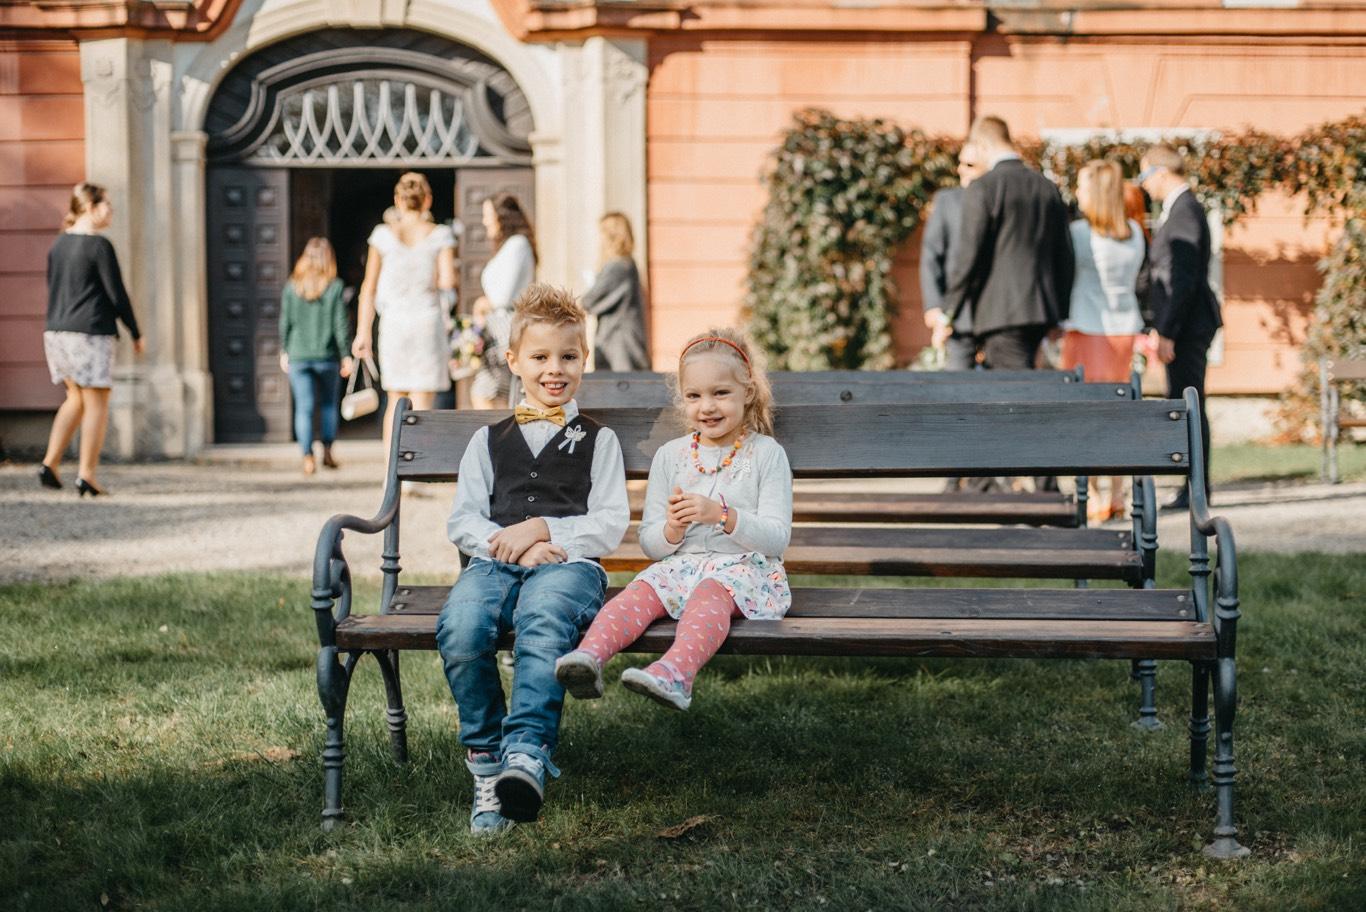 děti čekající na obřad